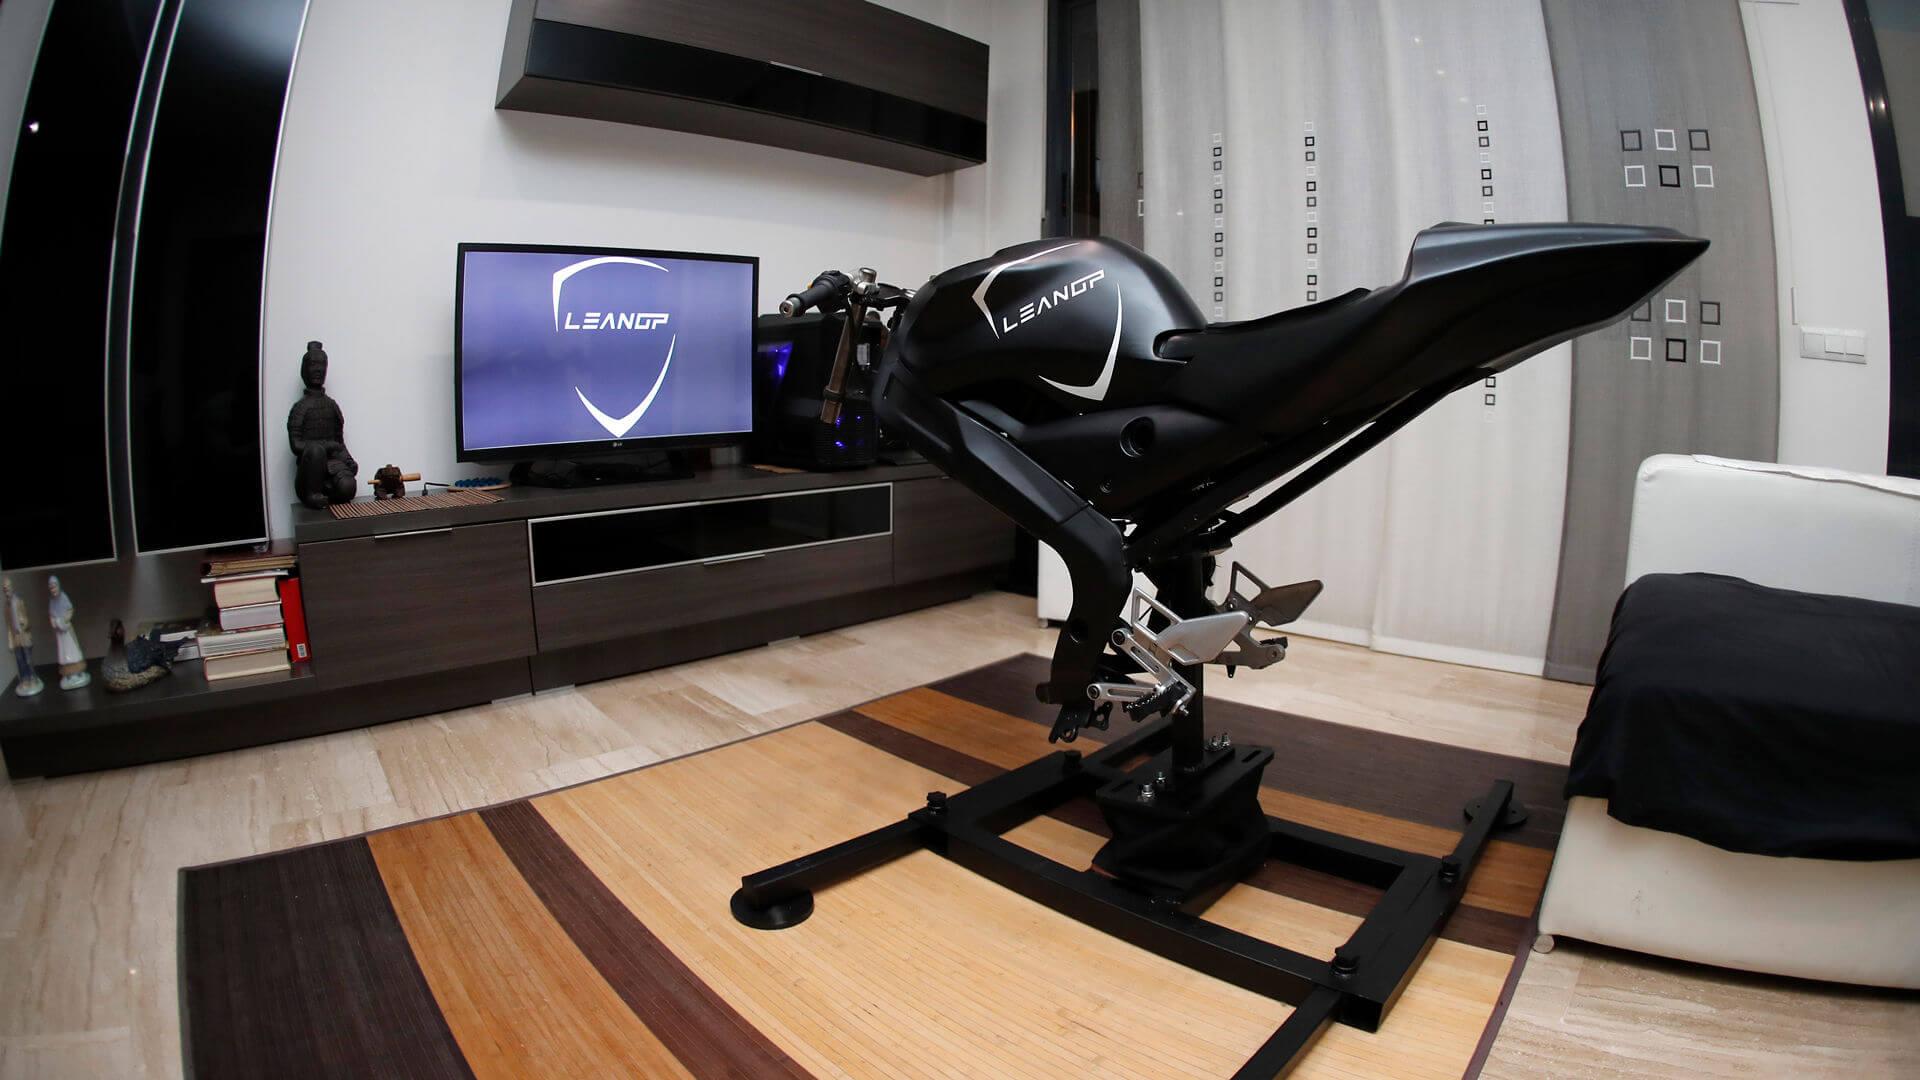 simulateur de moto leangp